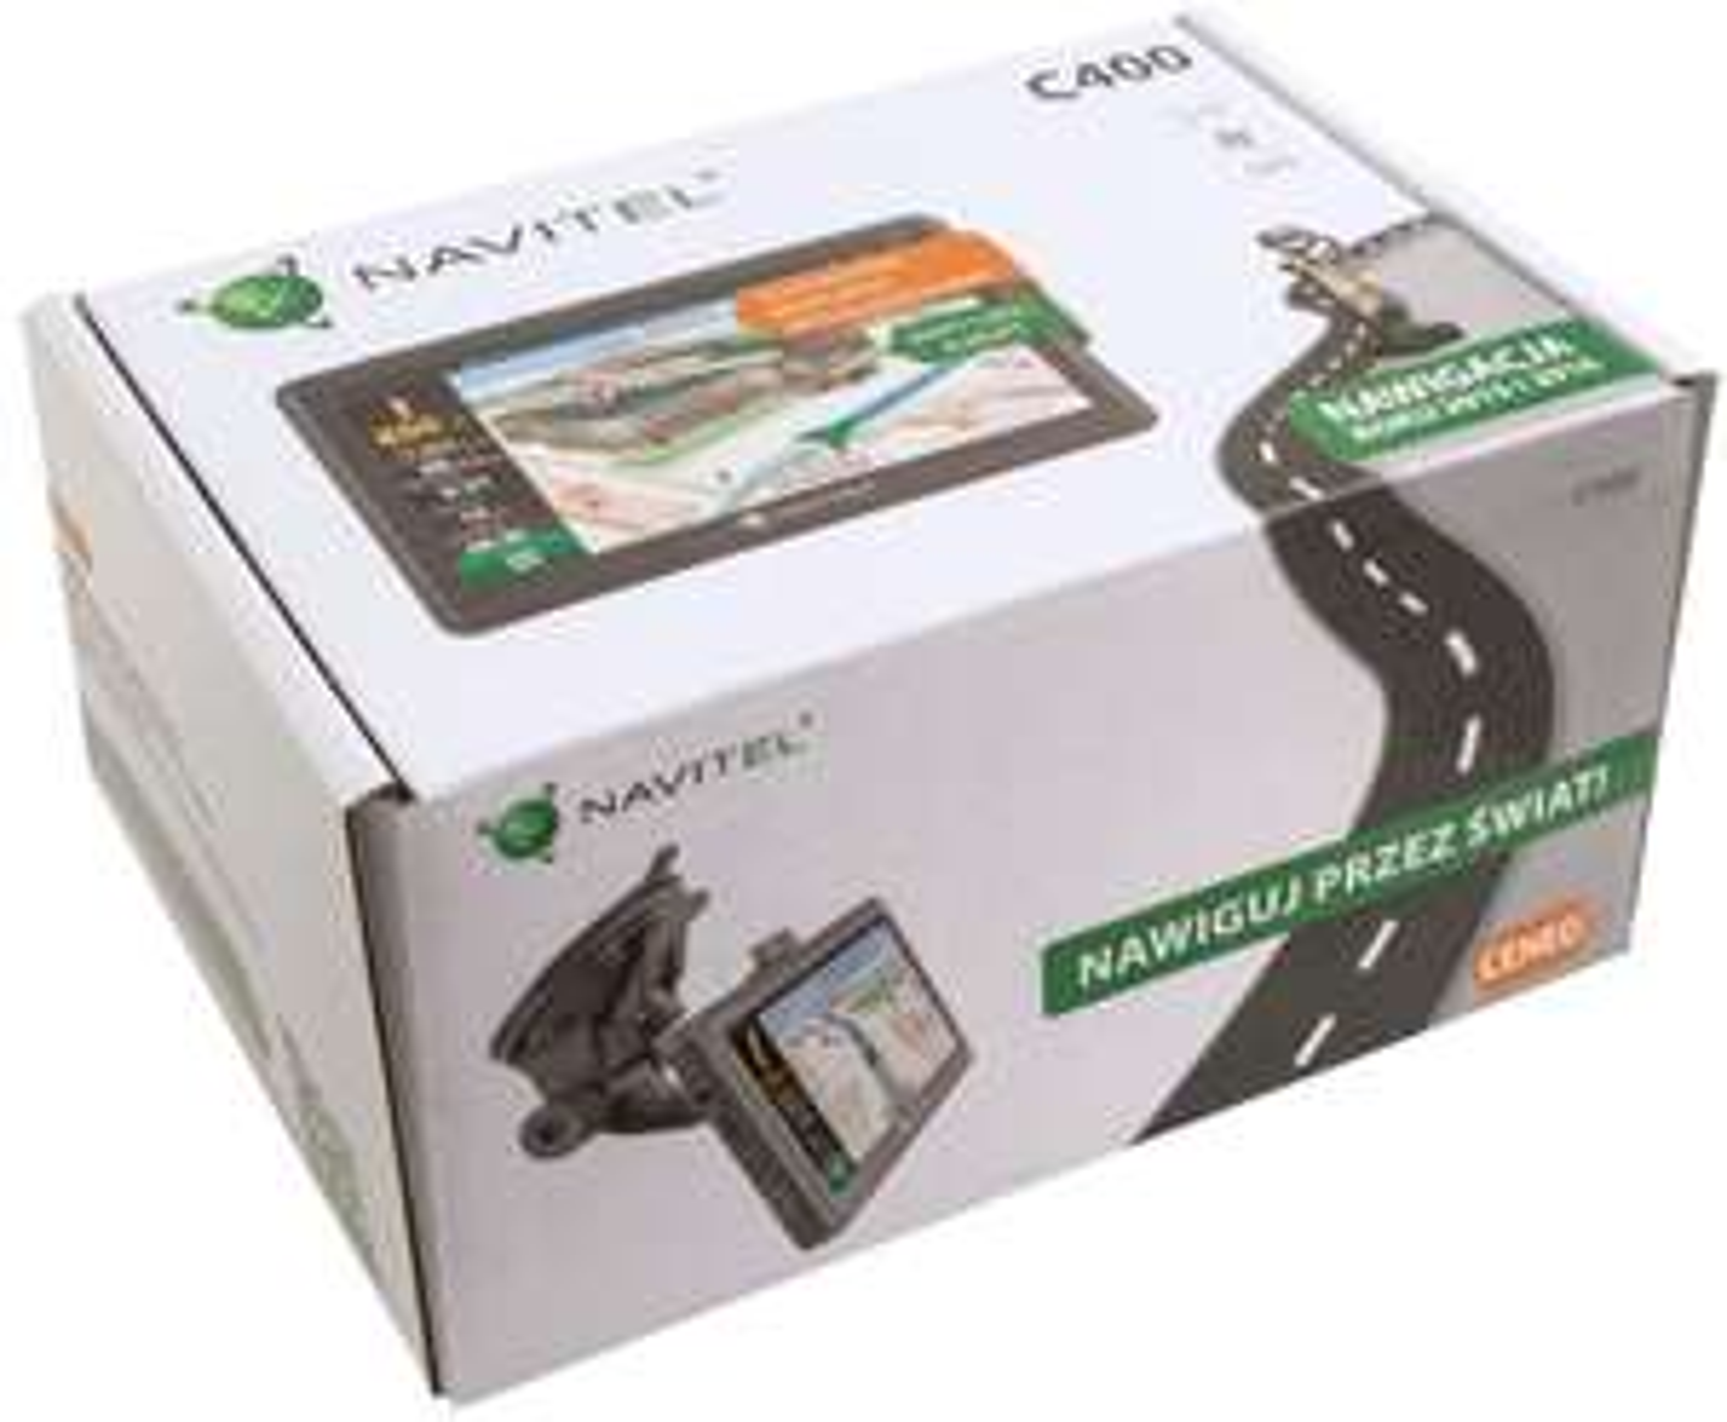 Nawigacja Navitel C400 w Carrefour Rzeszów